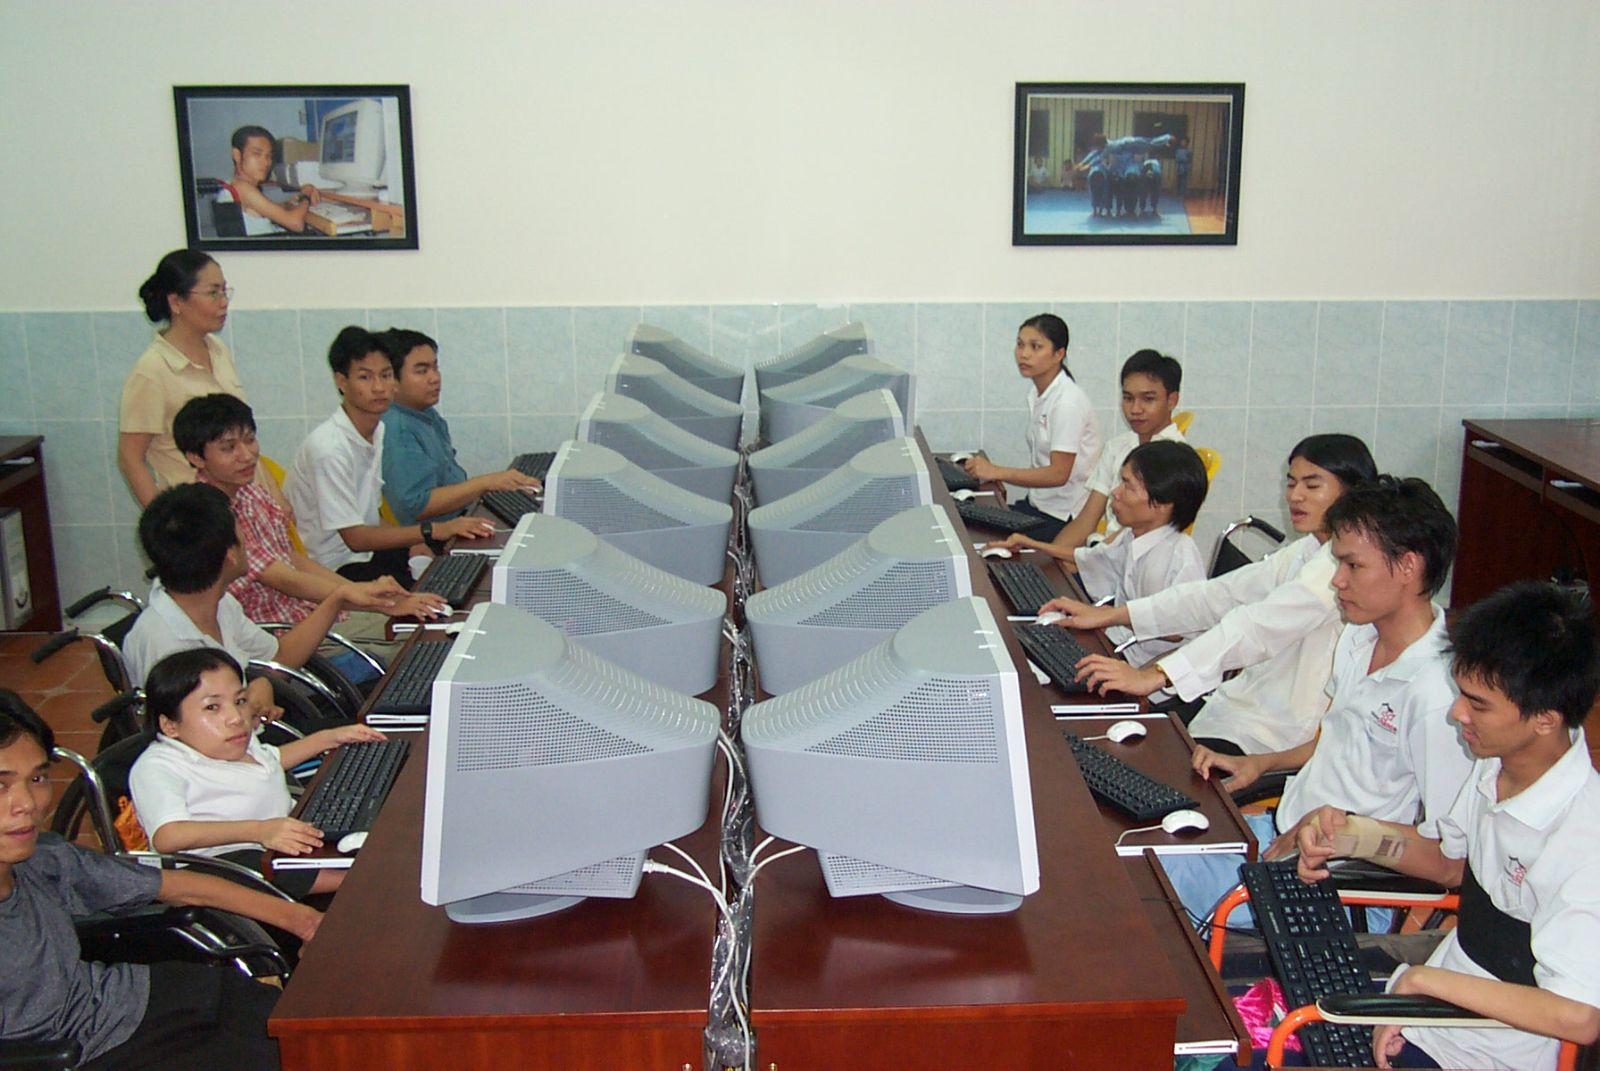 Trung tâm dạy nghề và đào tạo việc làm cho người khuyết tật